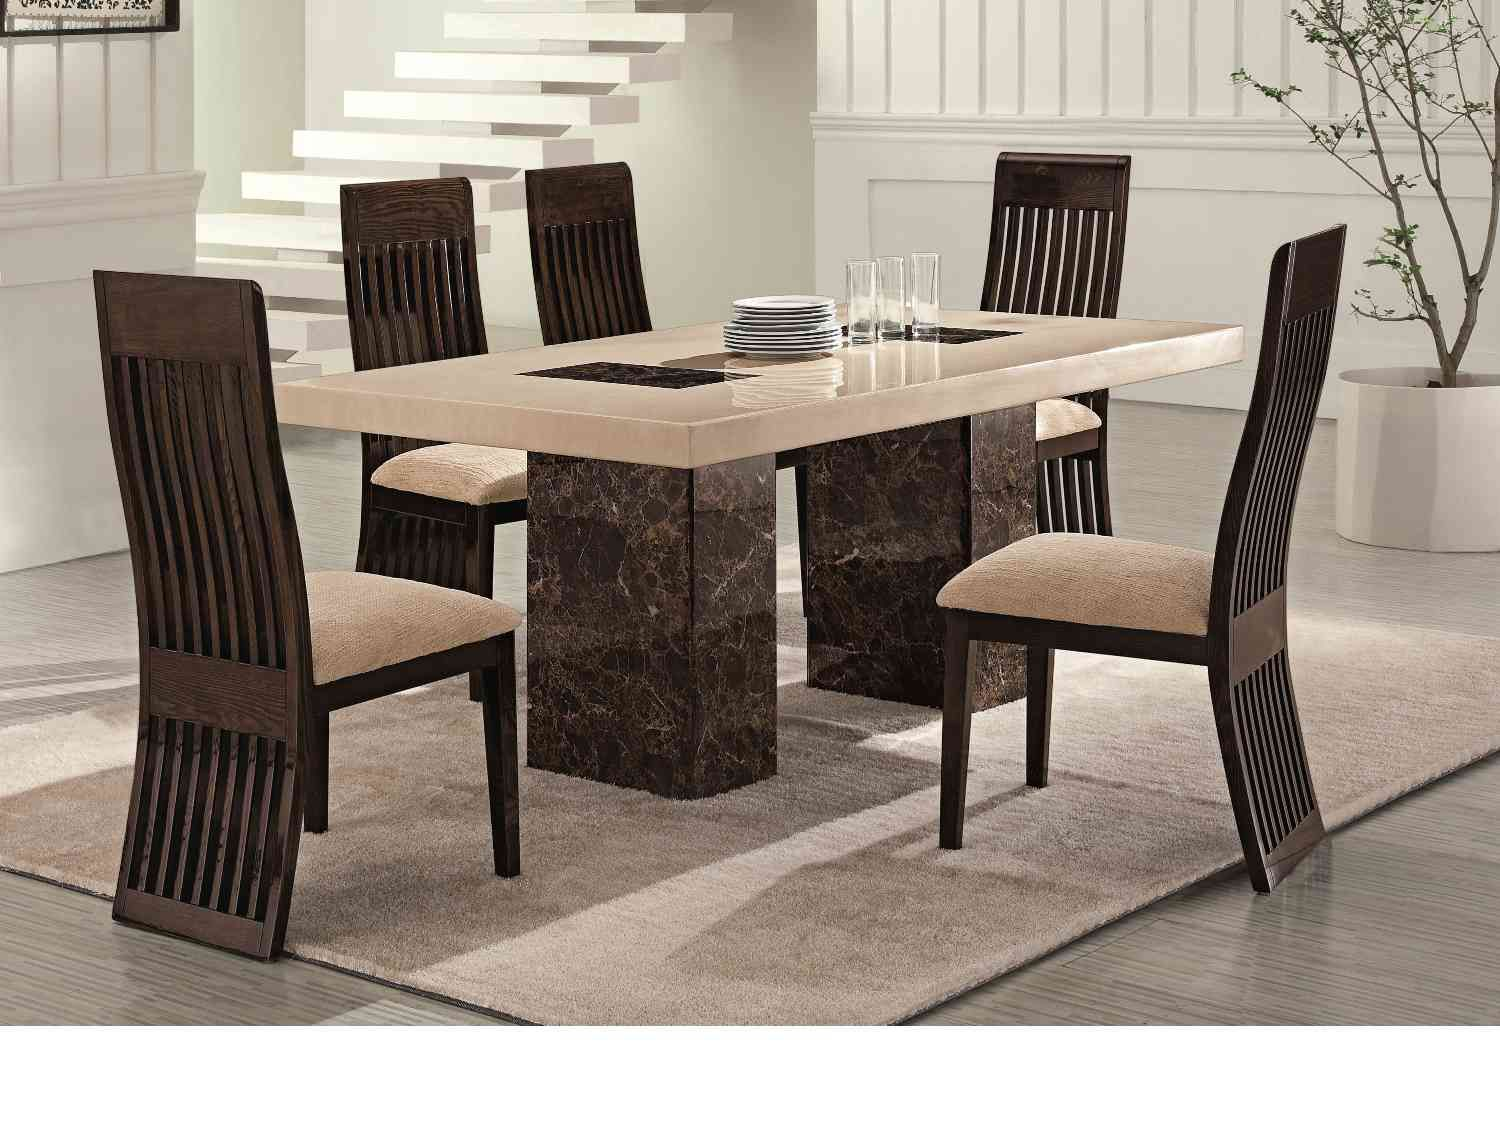 Moderne Esstisch Und Stühle Uk Moderner Esstisch Und